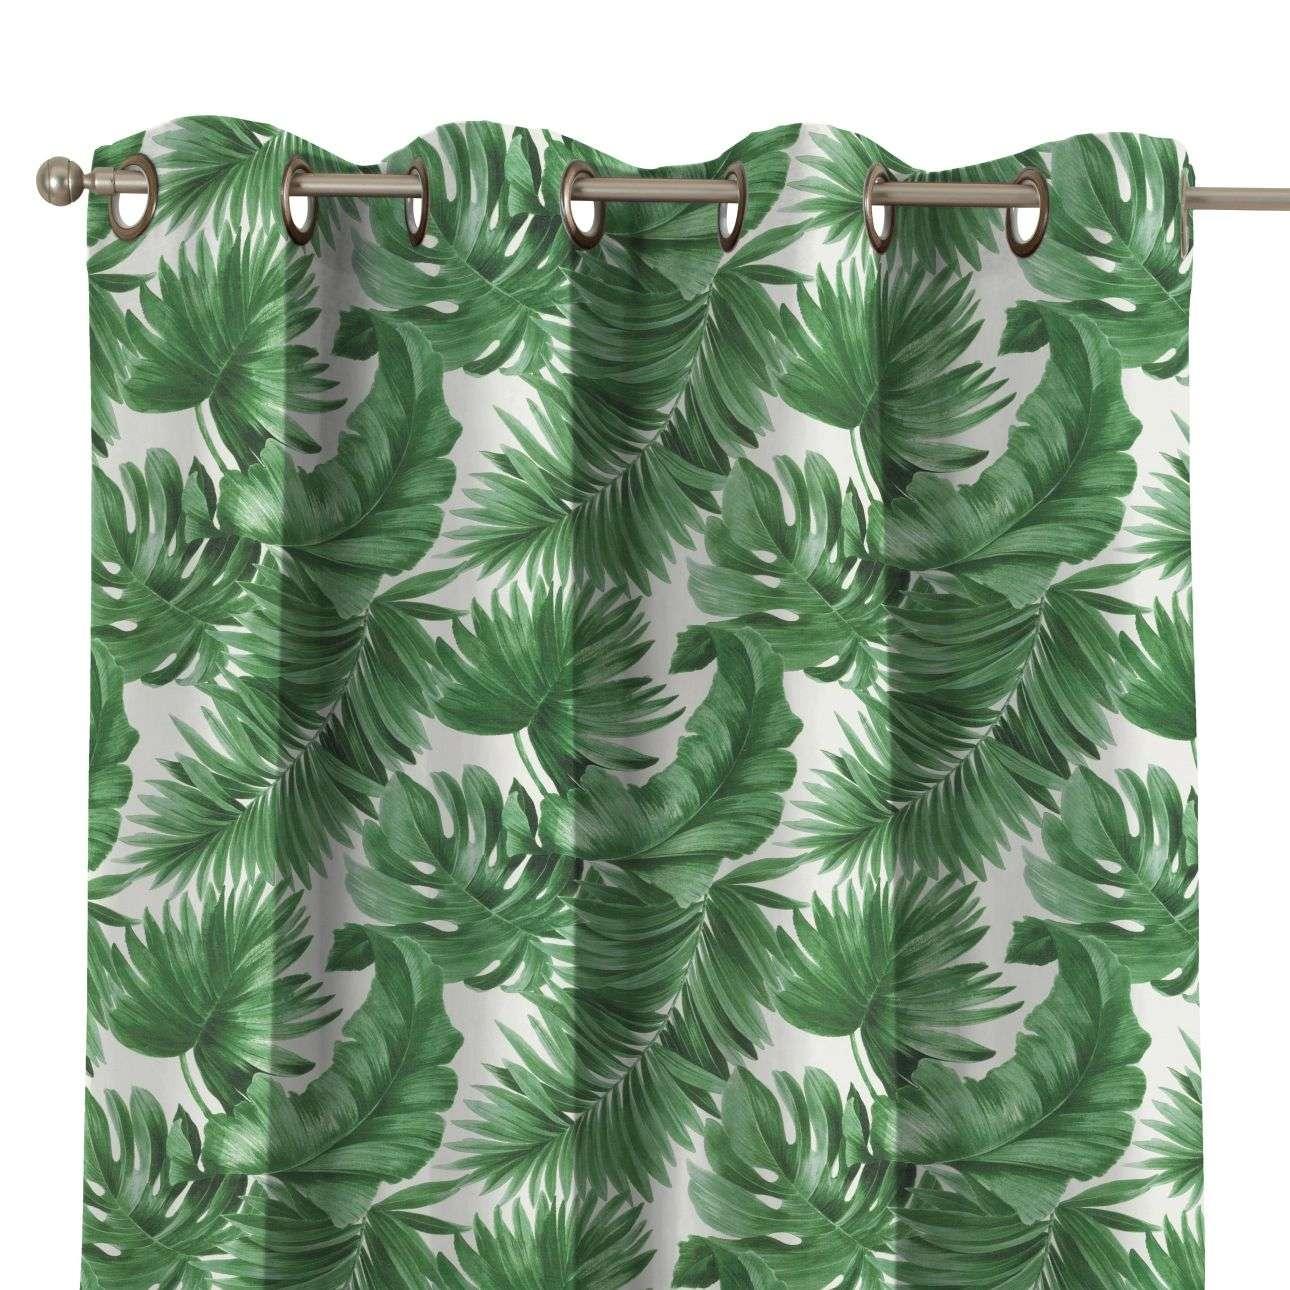 Zasłona na kółkach 1 szt. w kolekcji Tropical Island, tkanina: 141-71